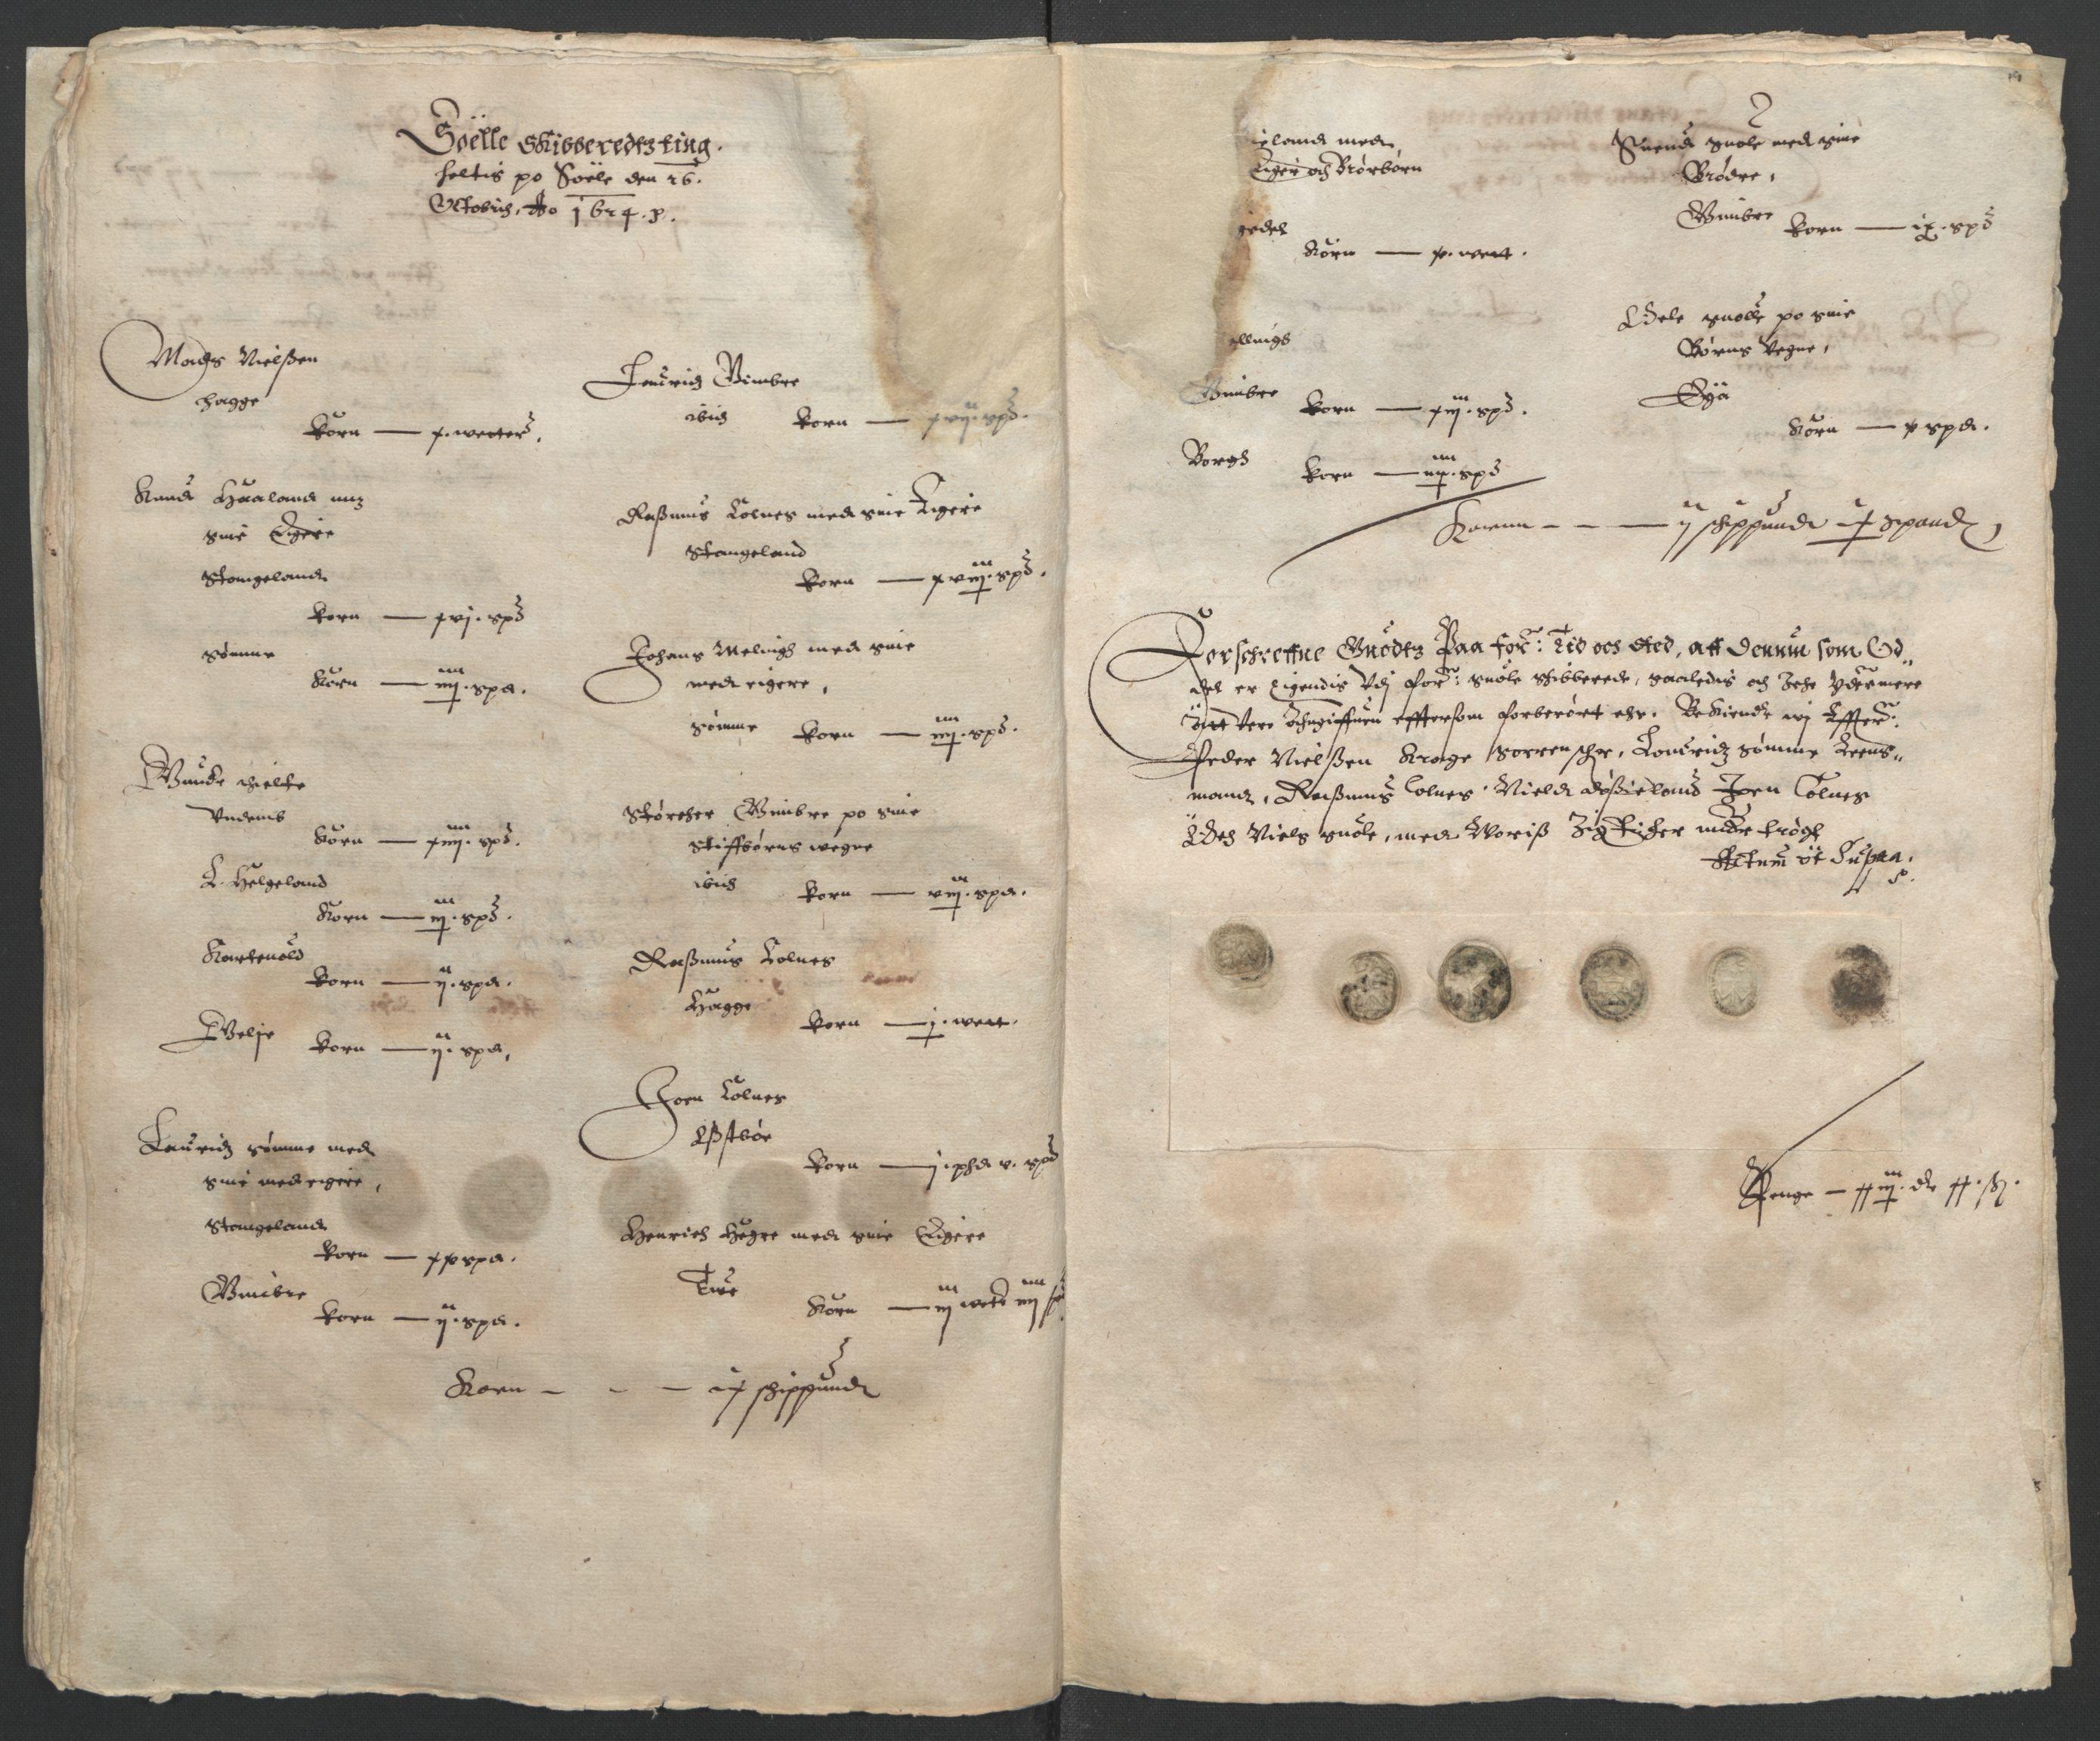 RA, Stattholderembetet 1572-1771, Ek/L0010: Jordebøker til utlikning av rosstjeneste 1624-1626:, 1624-1626, s. 53